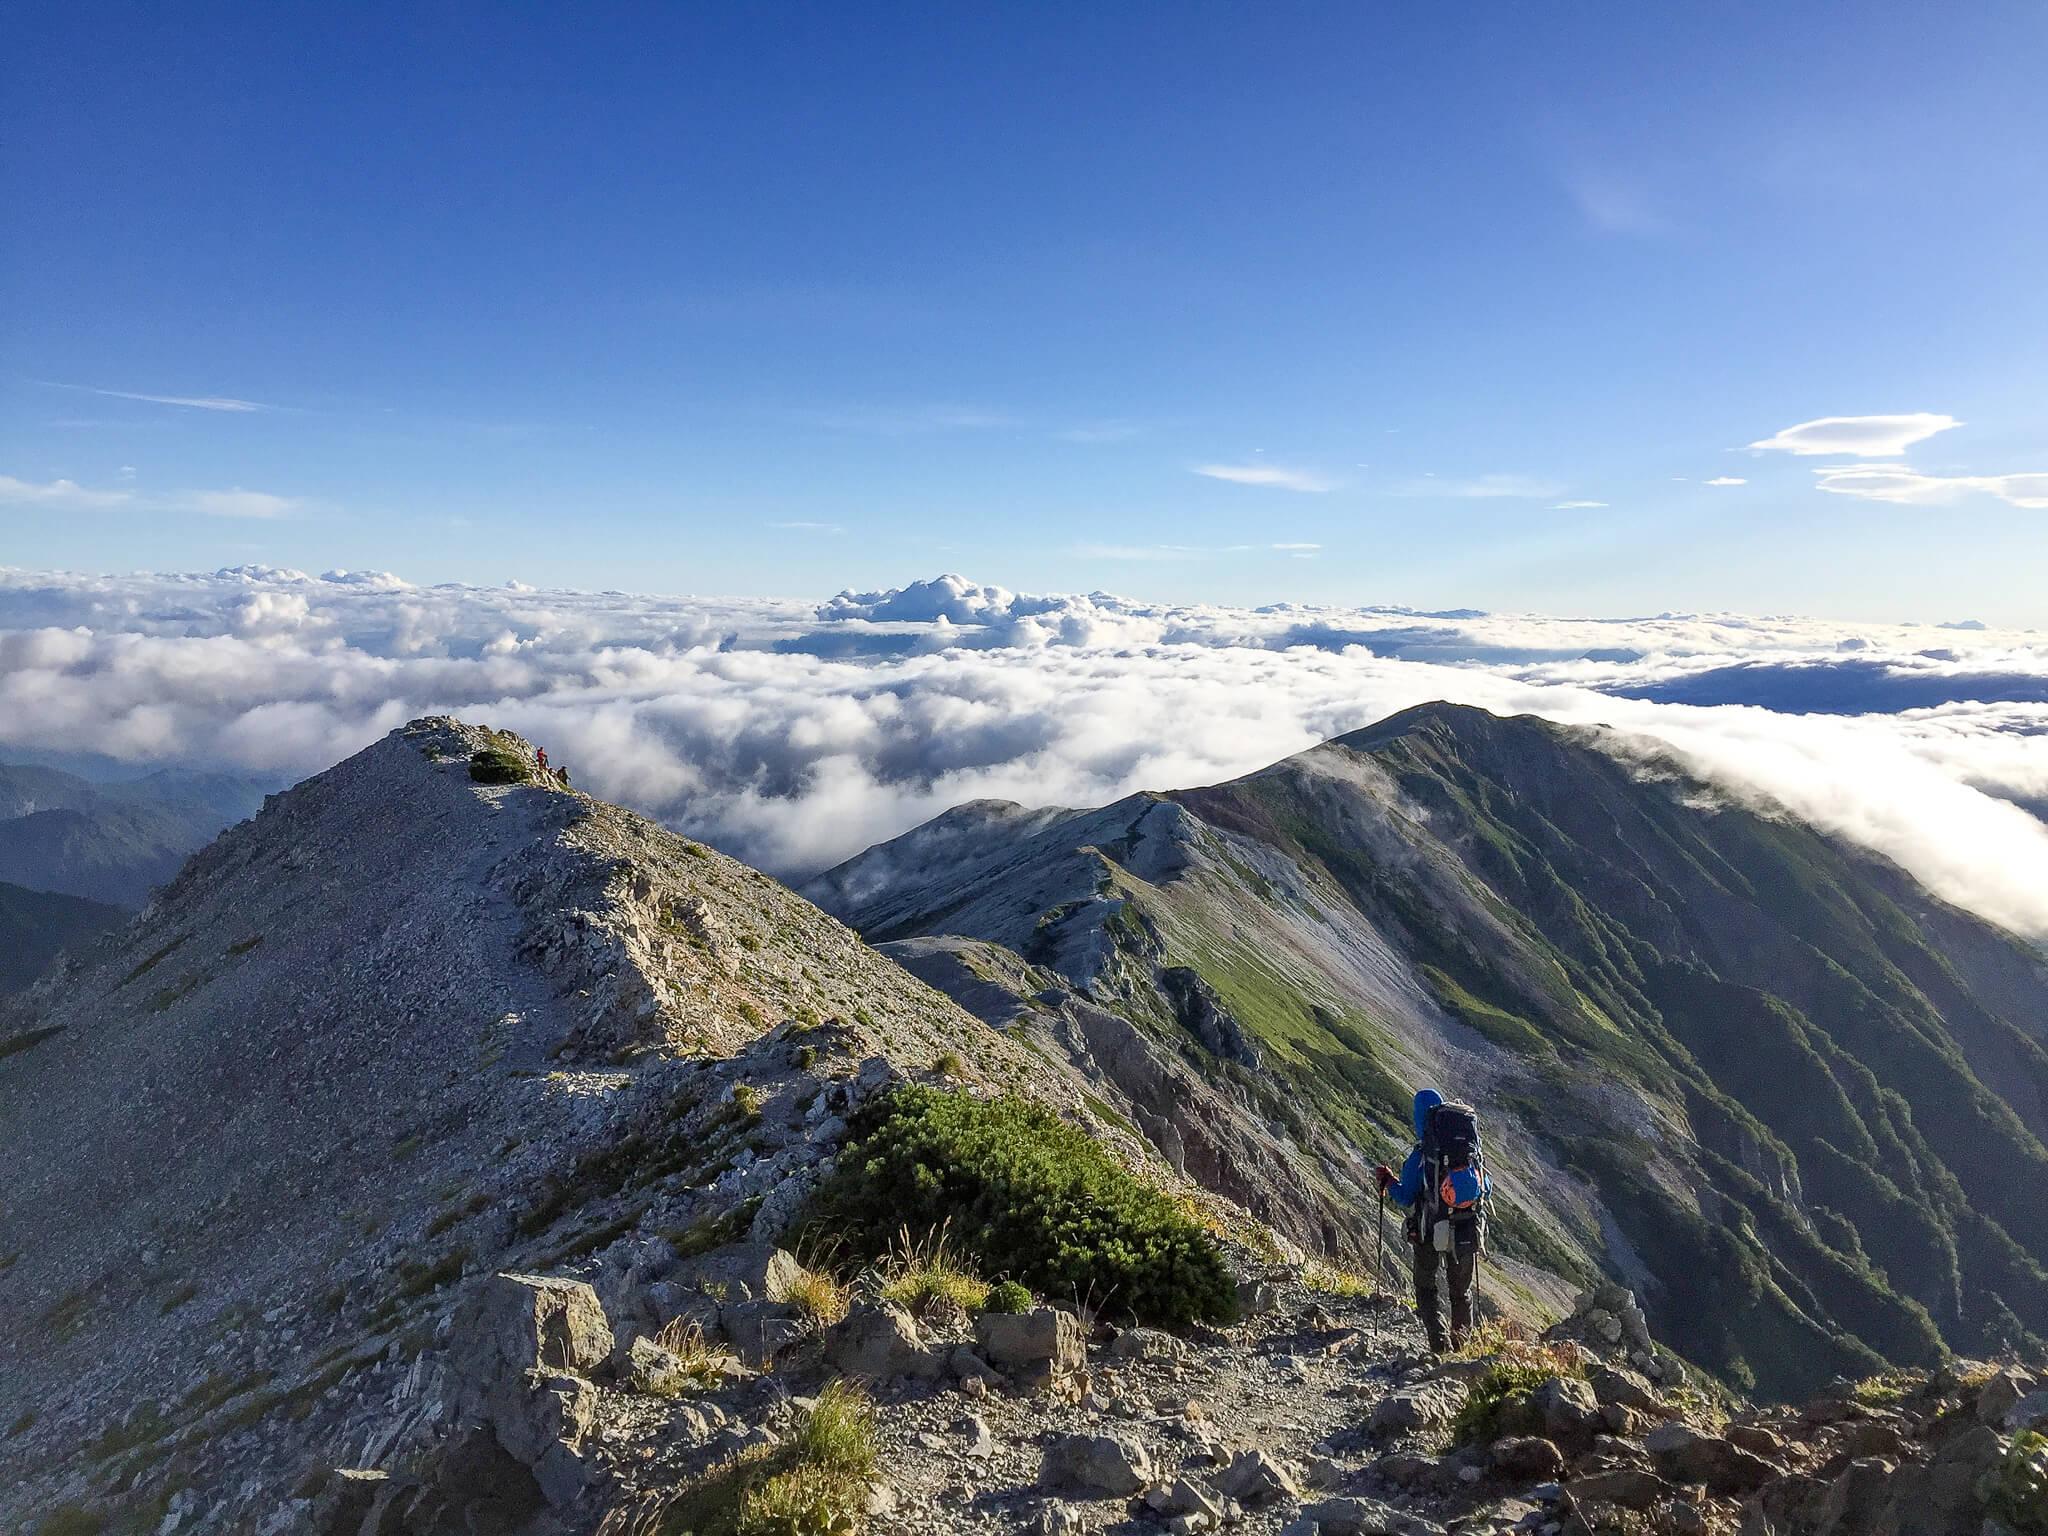 白馬岳・白馬岳から小蓮華山へと続く壮大な稜線